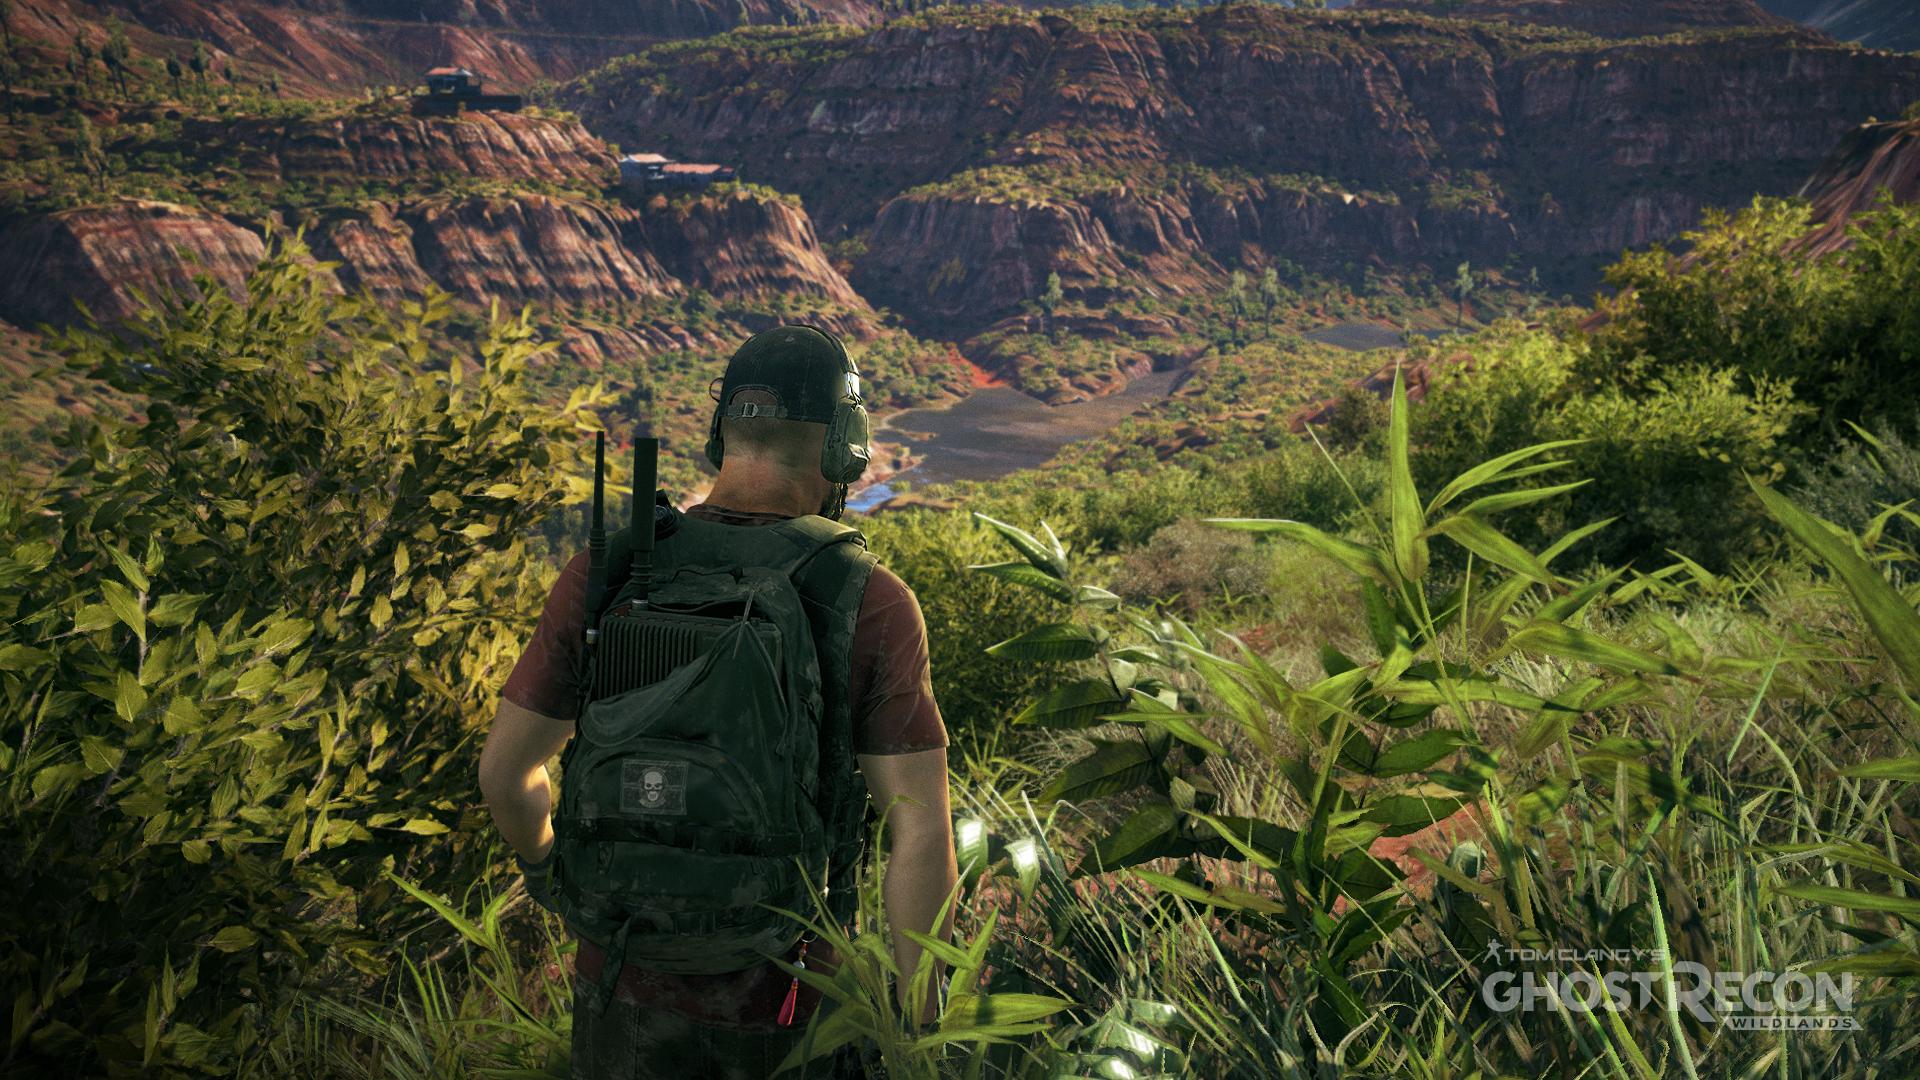 Tom Clancy's Ghost Recon Wildlands Screenshots